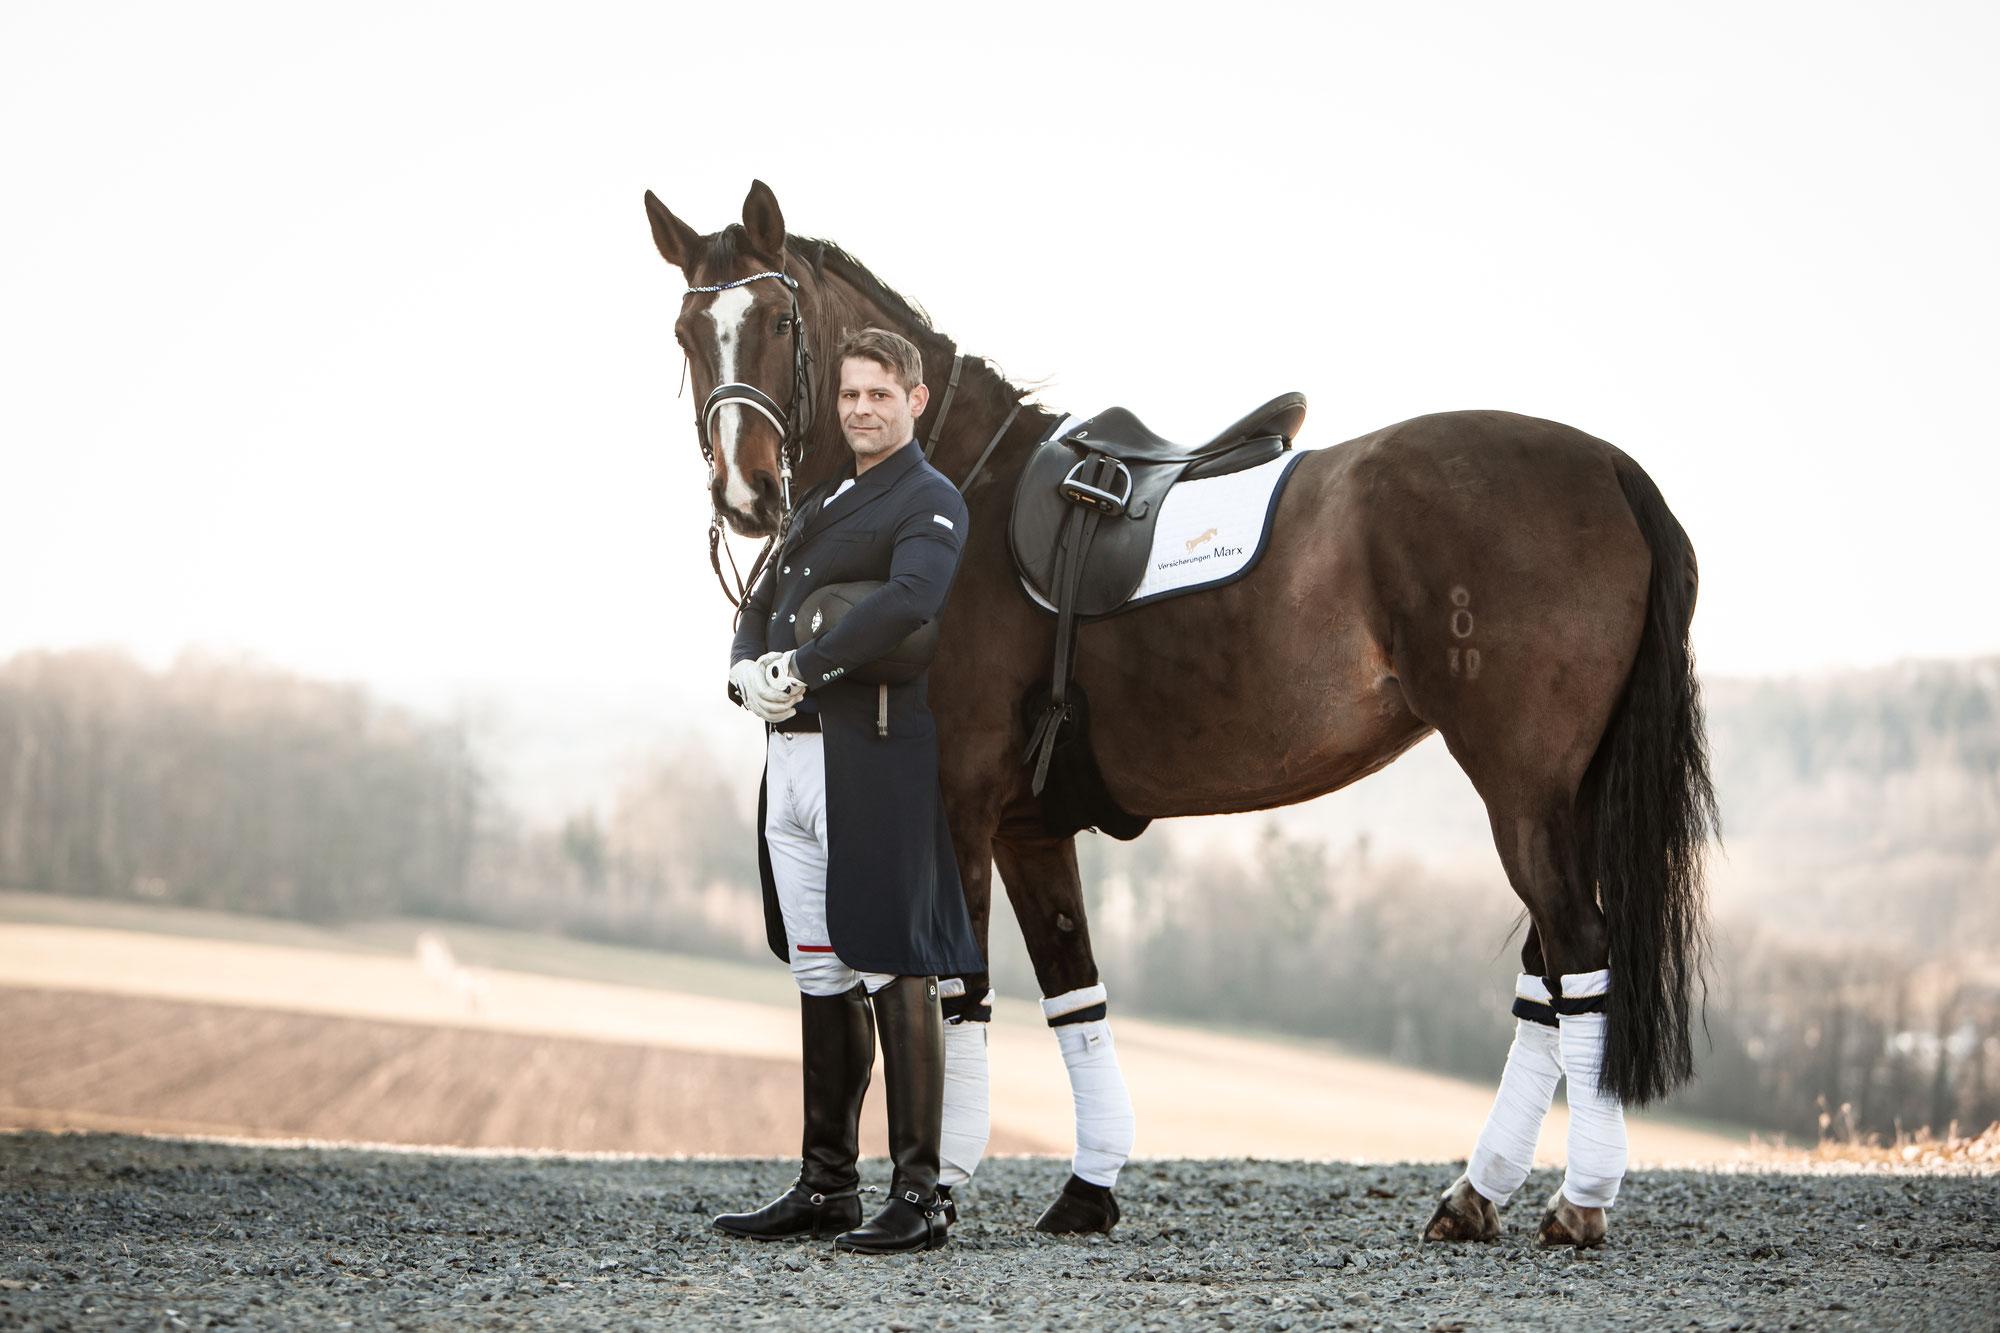 Berufsunfähigkeit für junge Pferdewirte